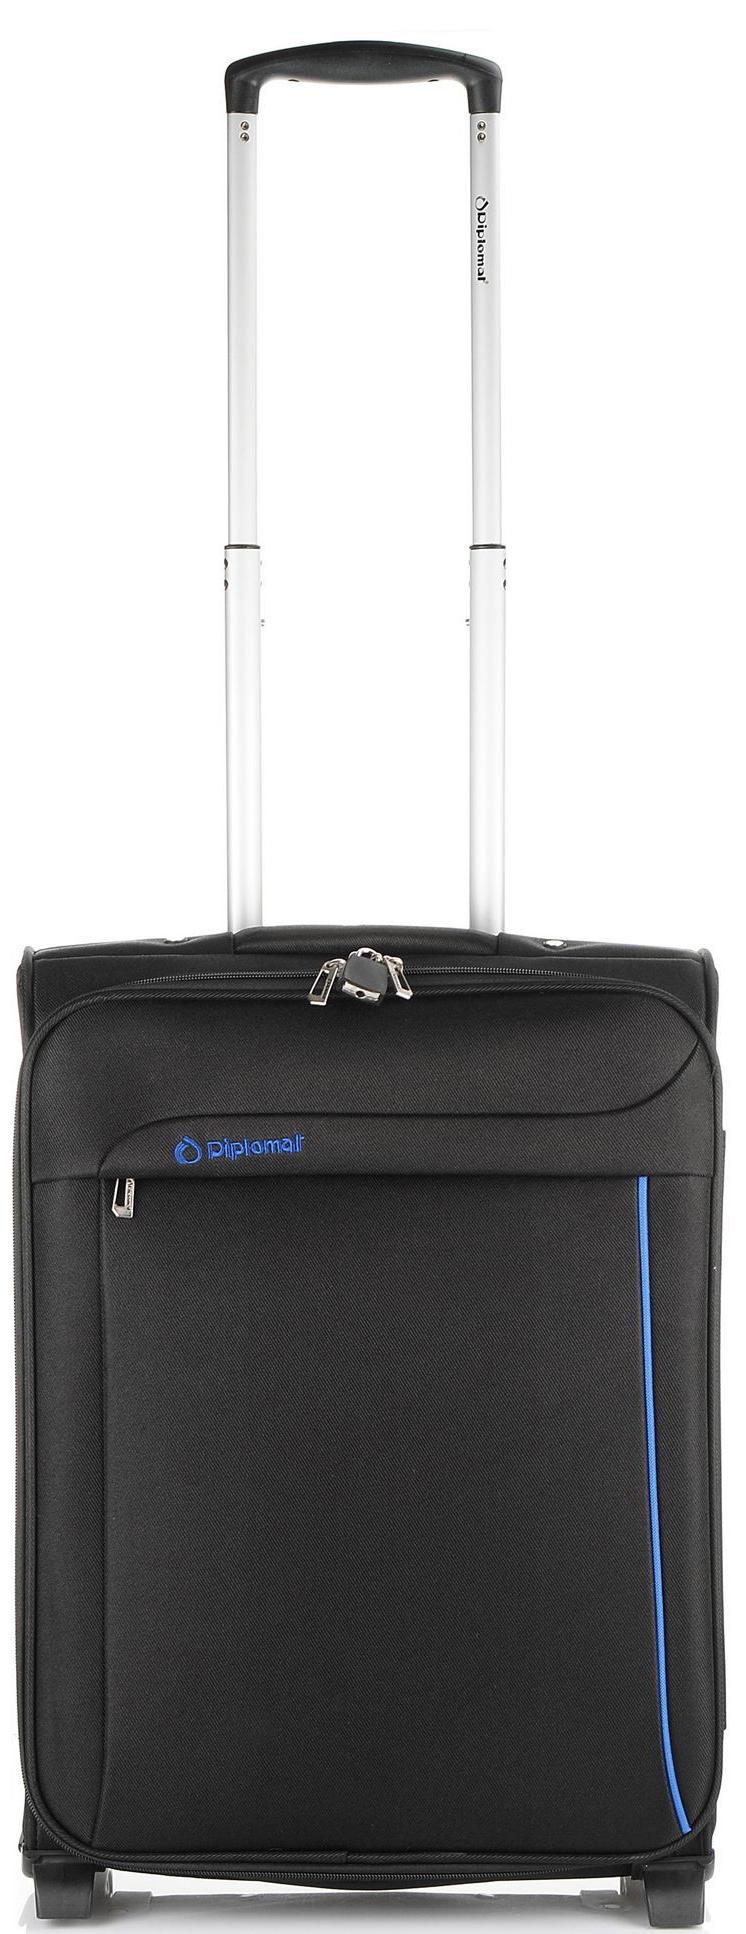 Βαλίτσα καμπίνας τρόλεϊ 51x39x21 Diplomat ZC 6200-51 Μαυρο ειδη ταξιδιου   βαλίτσες   βαλίτσες   βαλίτσες καμπίνας